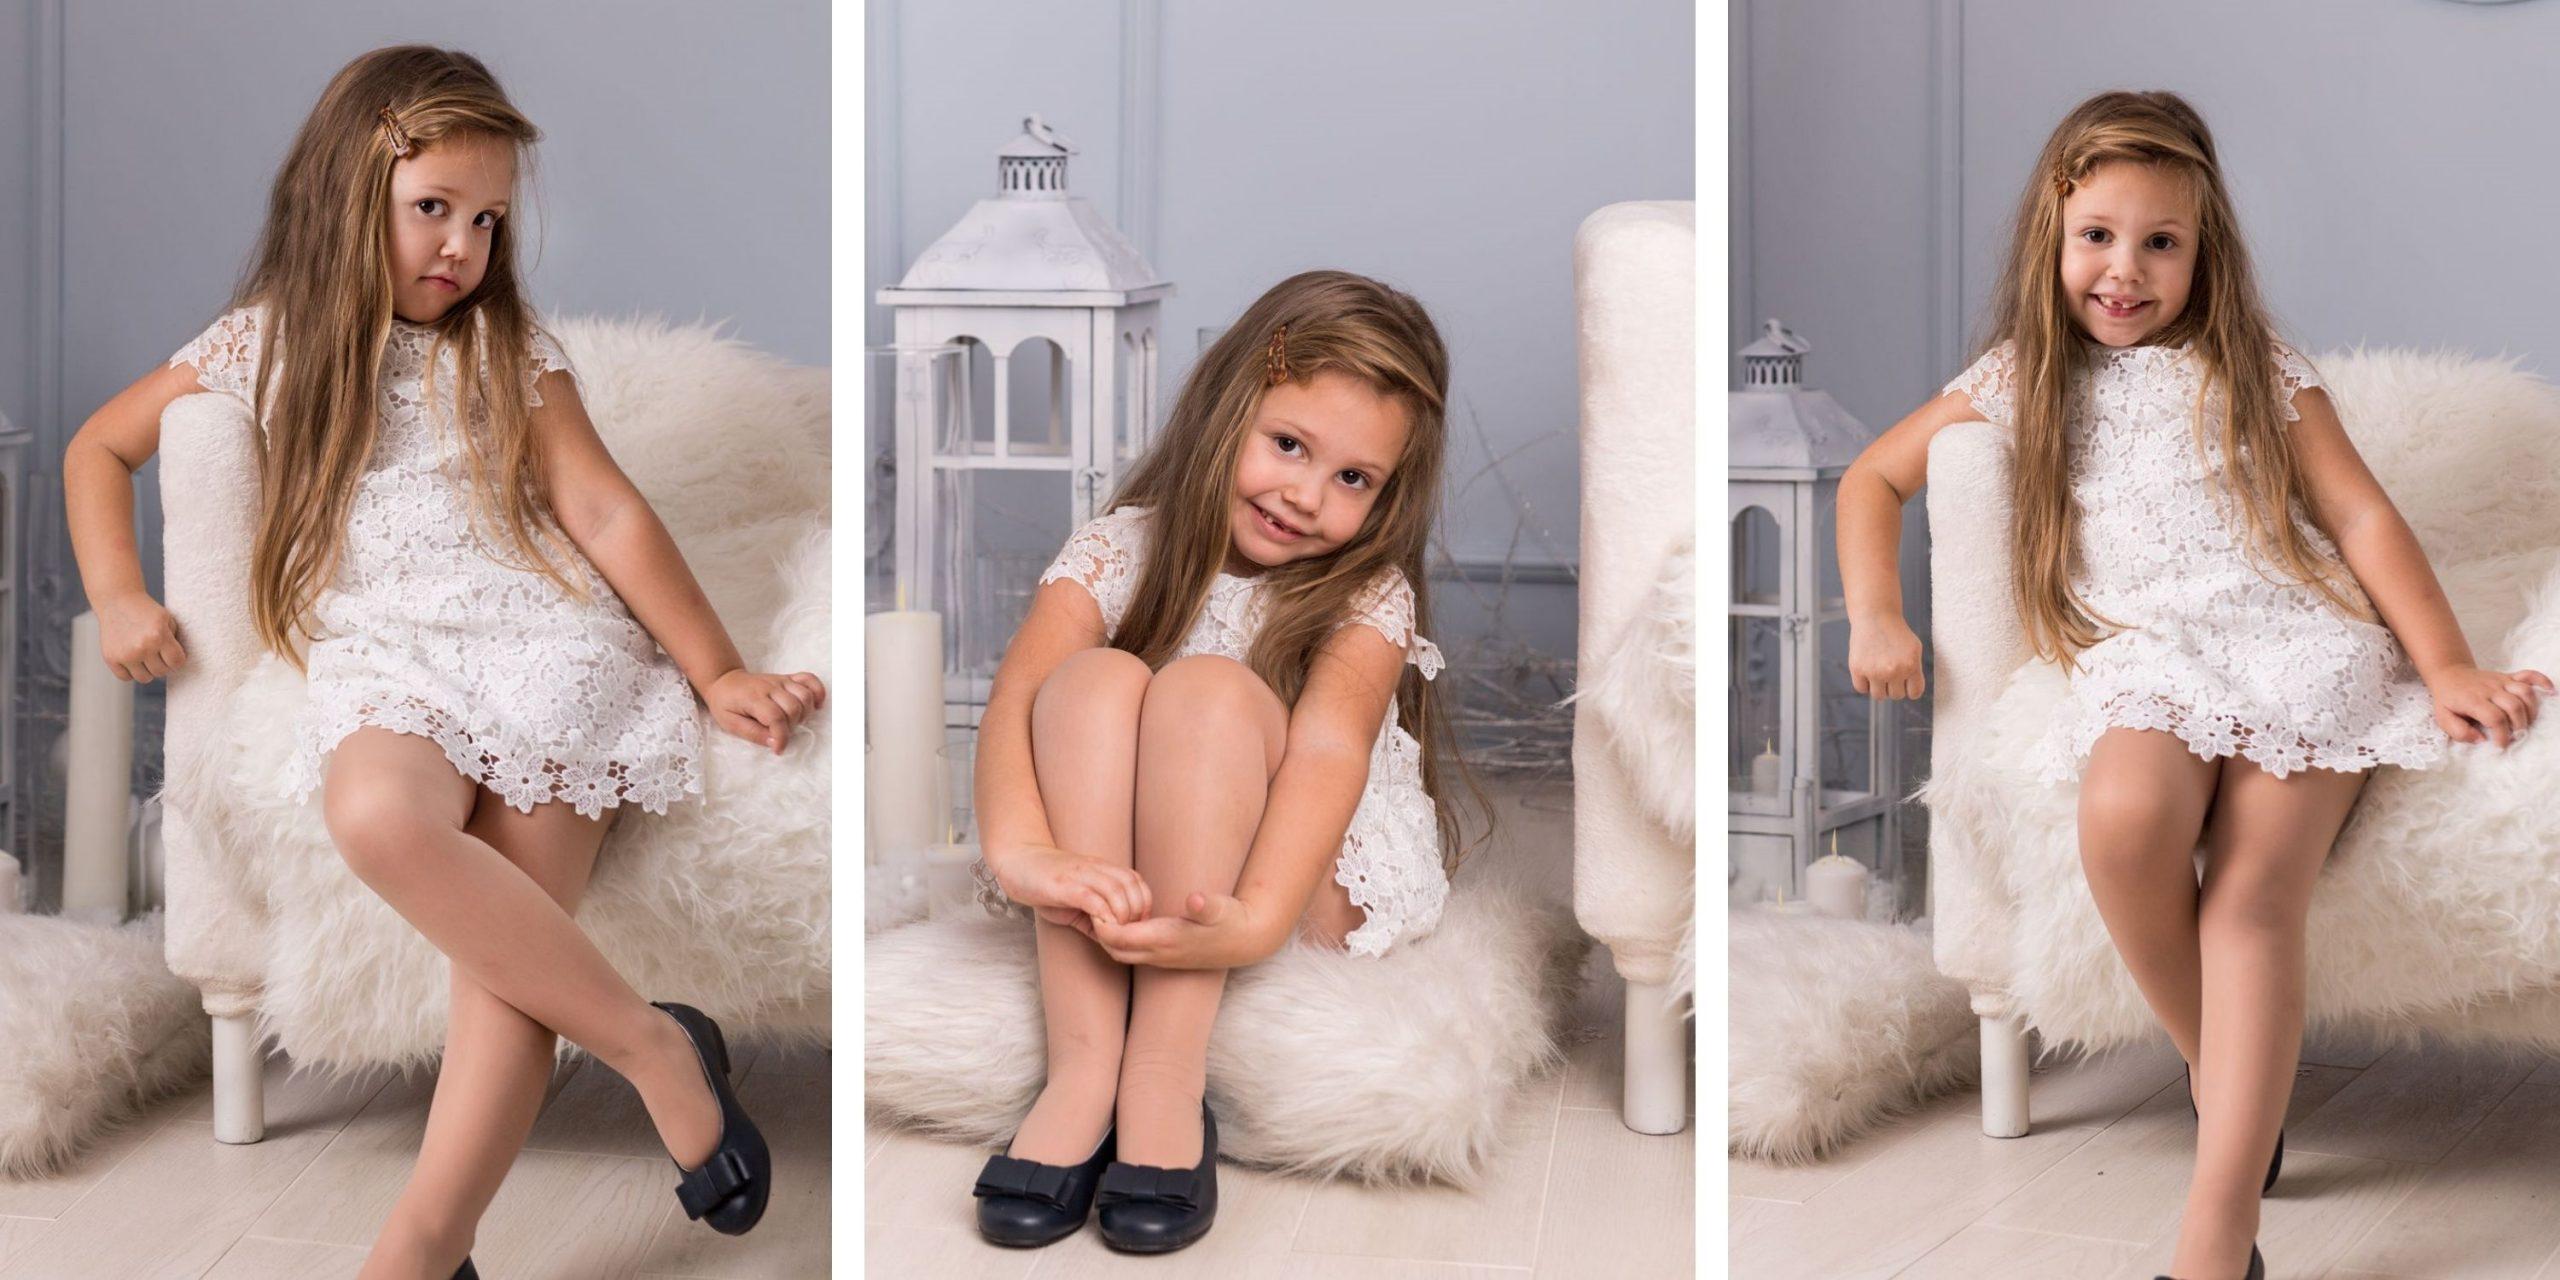 Rebeca recomandă: Idei de cadouri pentru copii între 5 și 7 ani